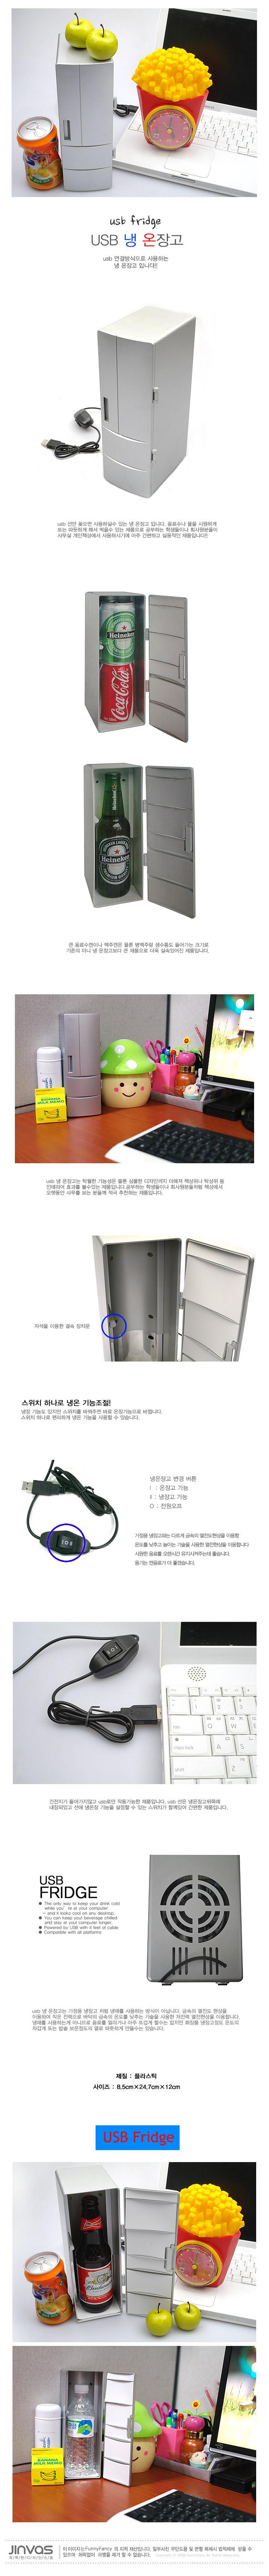 USB 냉 온장고 - 진바스, 34,000원, 미니냉장고, 미니 냉장고